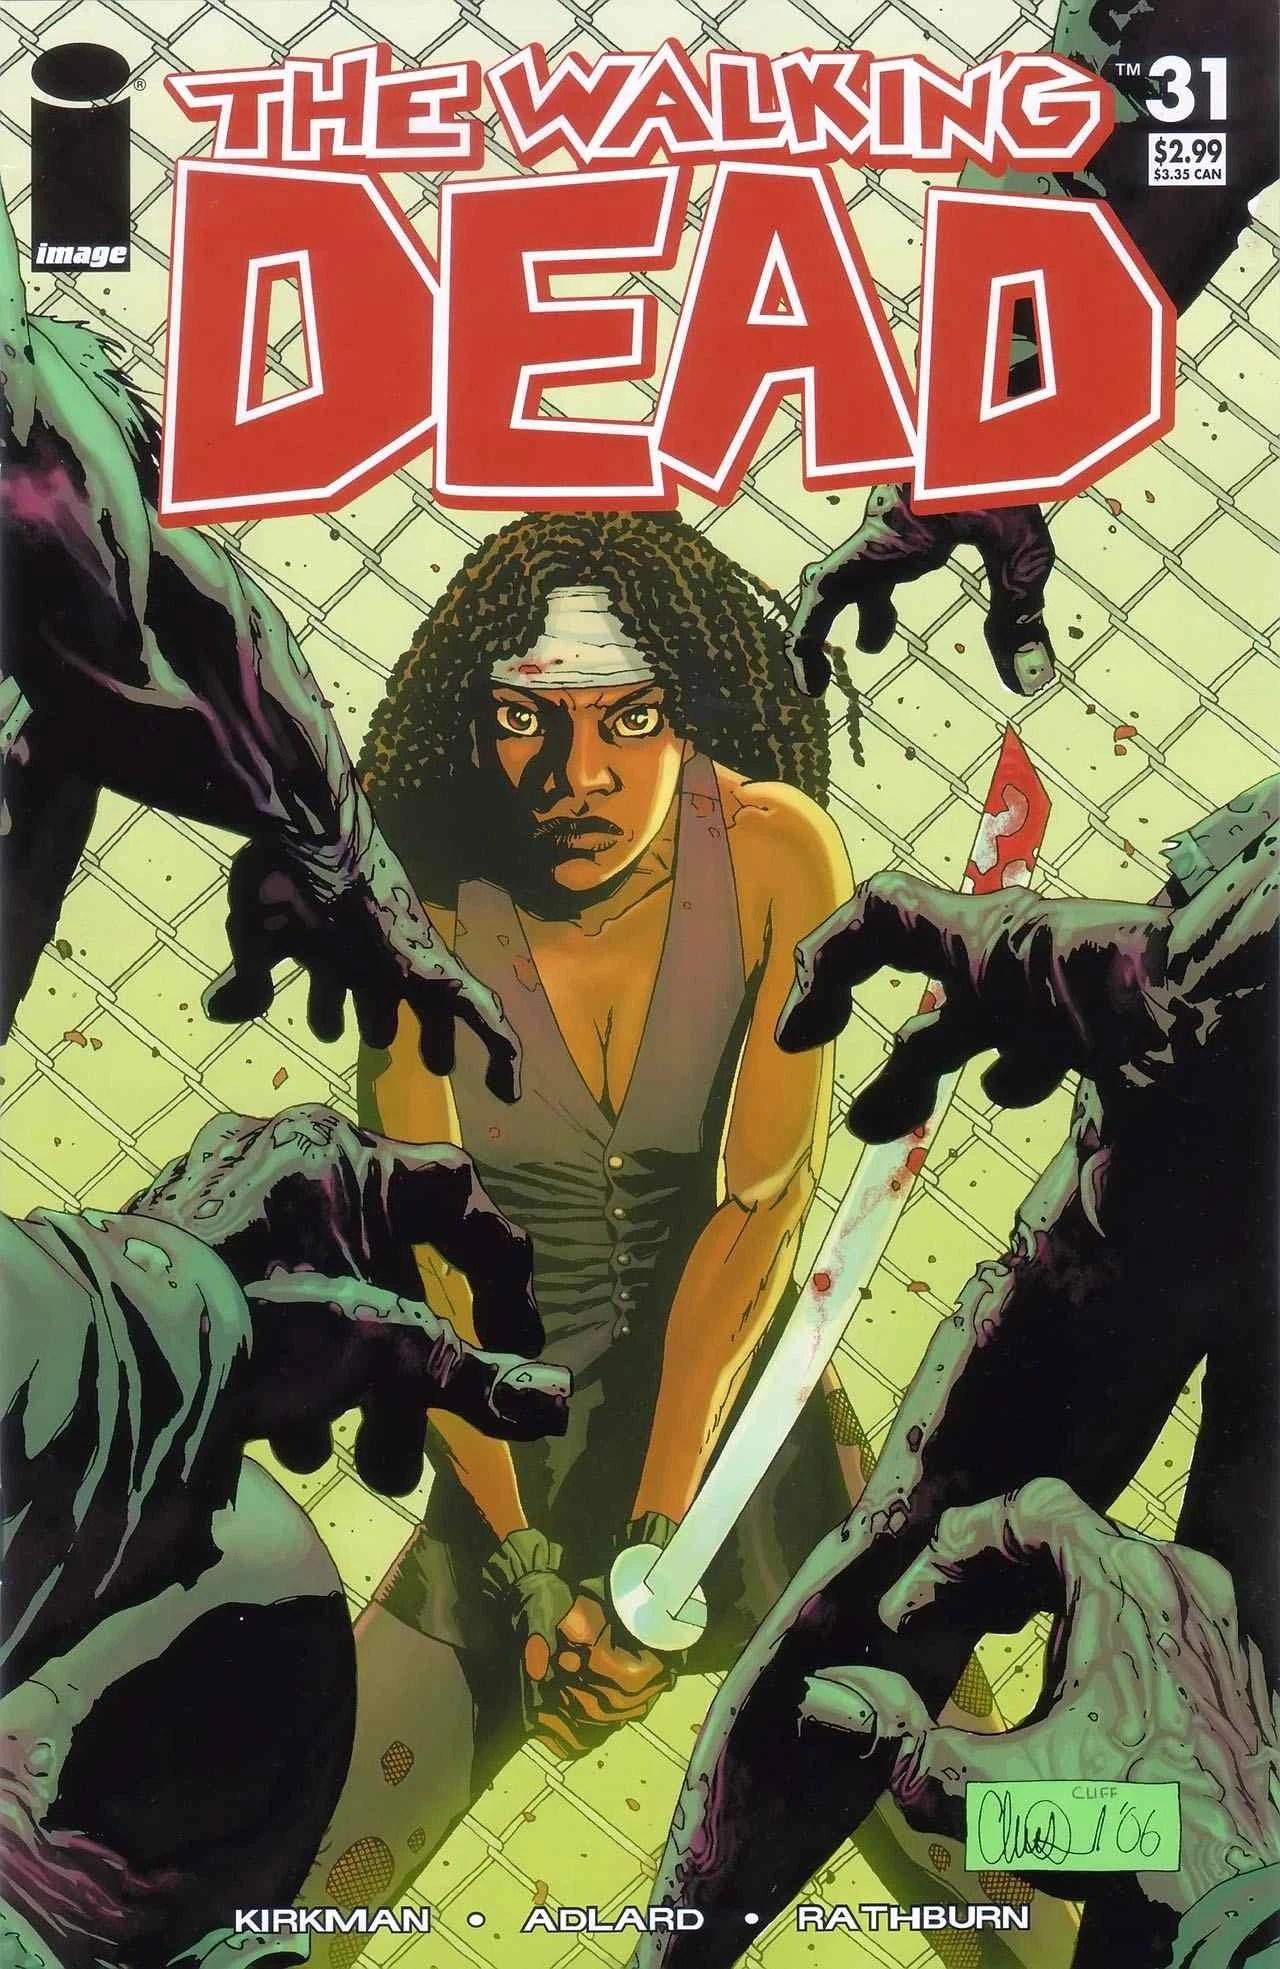 Issue 31  Walking Dead Wiki  FANDOM powered by Wikia